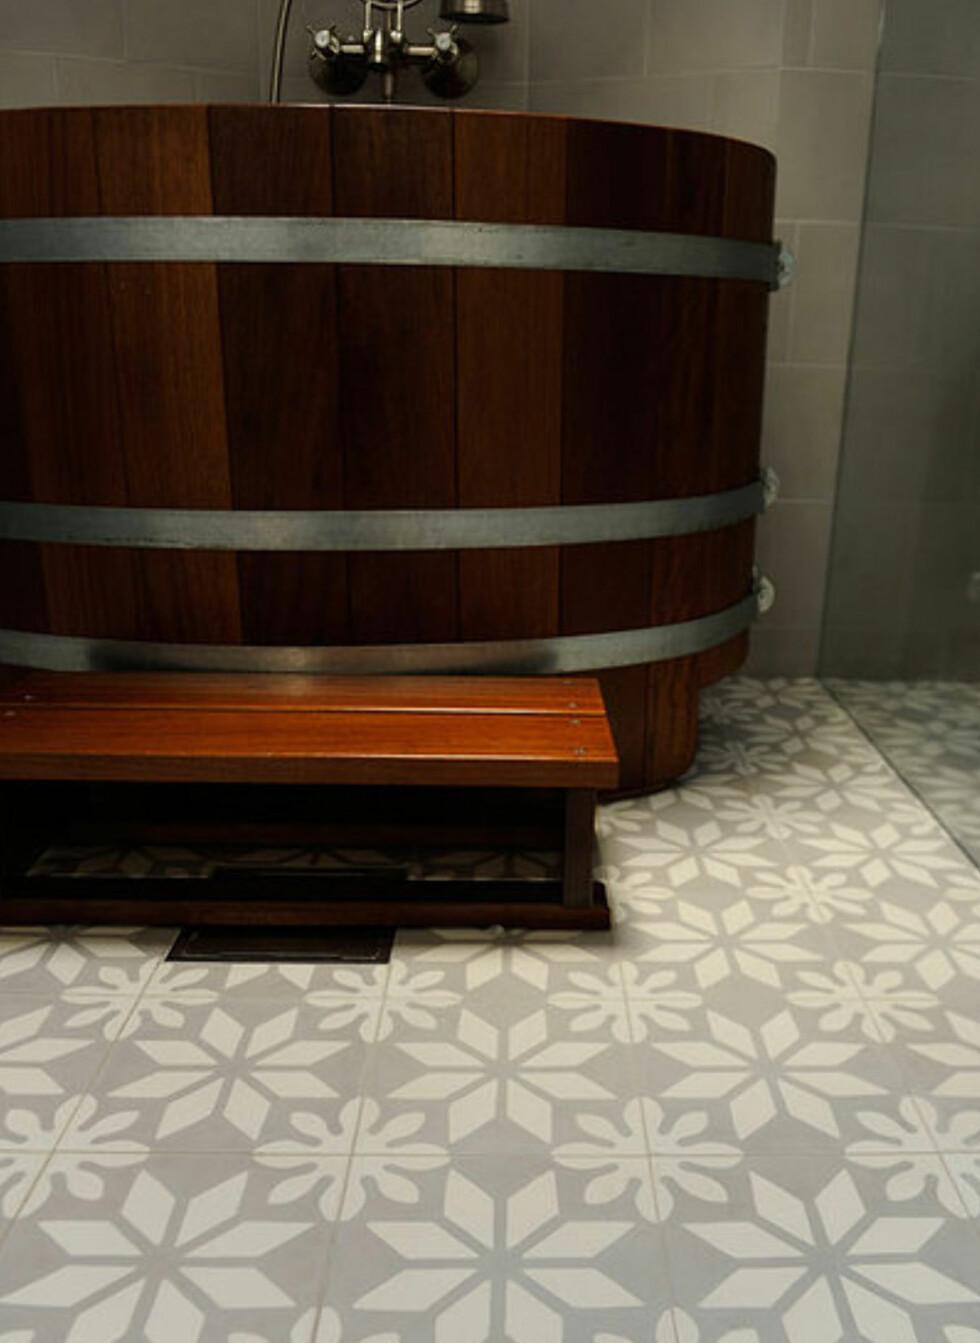 Marokkanske fliser kan egne seg for baderomsgulv, og det finnes spesialbehandlinger som gjør dem ekstra motstandsdyktige mot sprut og søl.Du bør likevel ikke dusje rett på gulvet. Det er viktig at du er nøye og tørker opp vannsøl fort, om du ikke ønsker et skjoldete gulv.  Foto: Produsenten